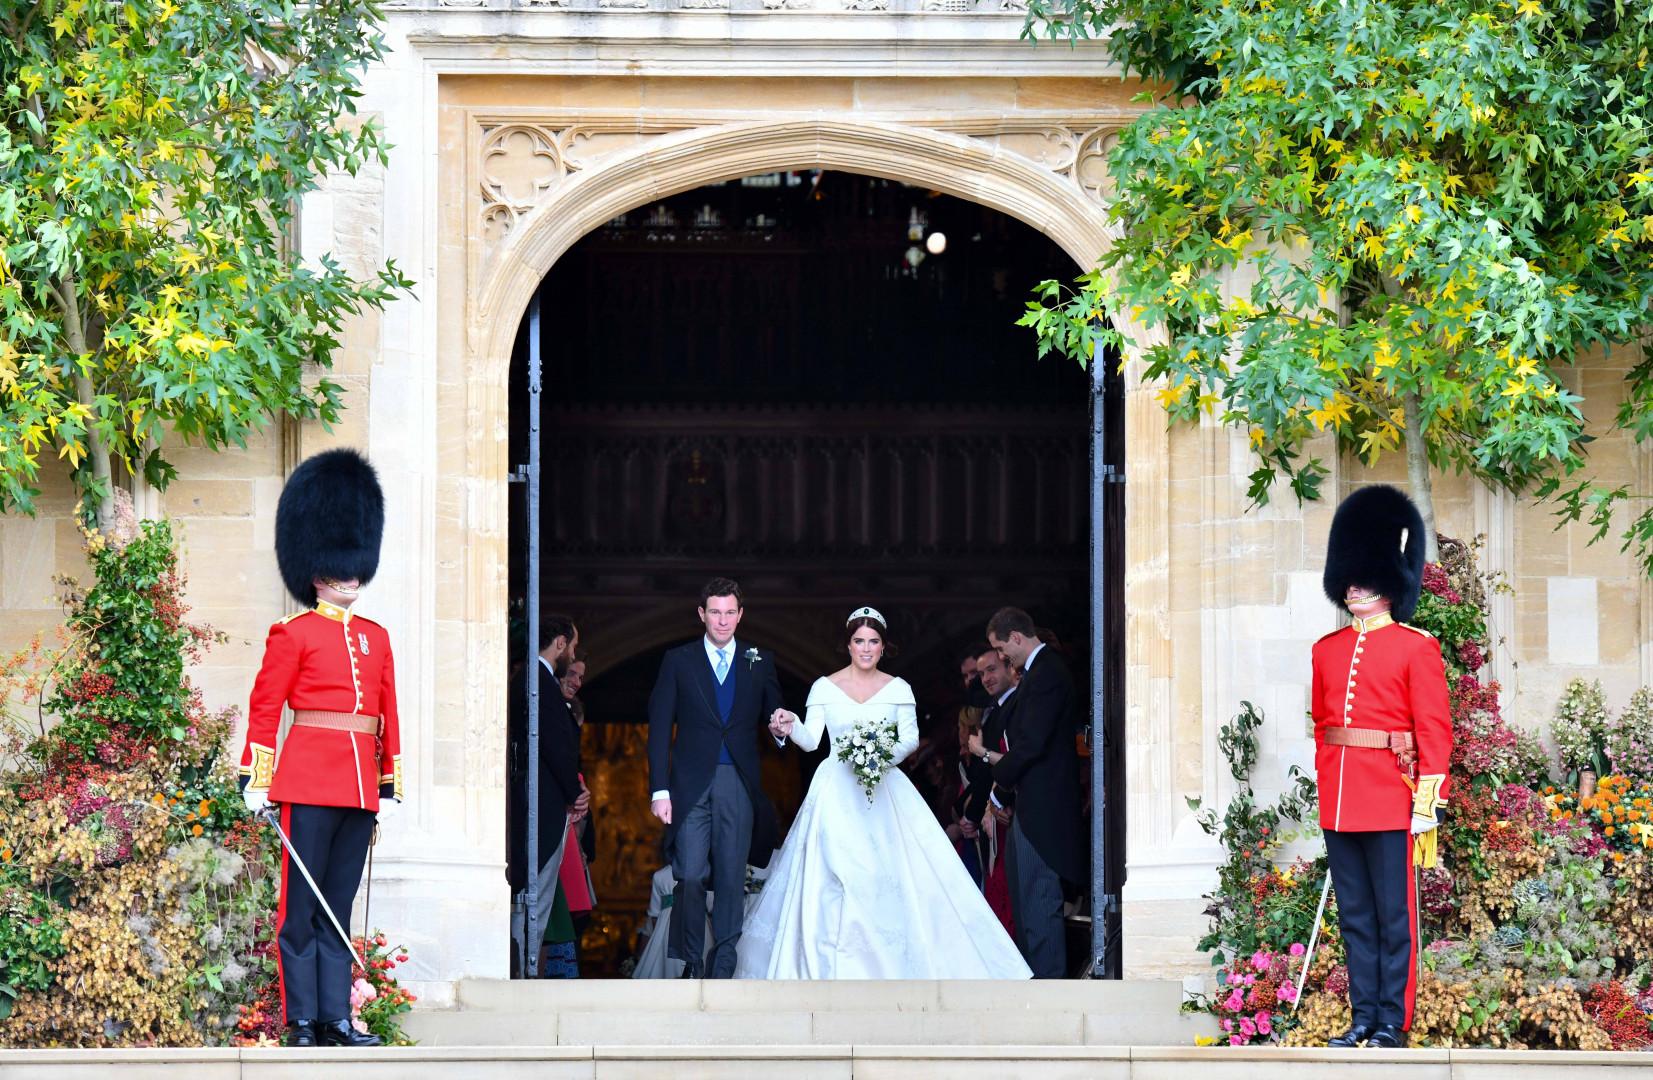 Les membre de la garde royale encadraient le couple